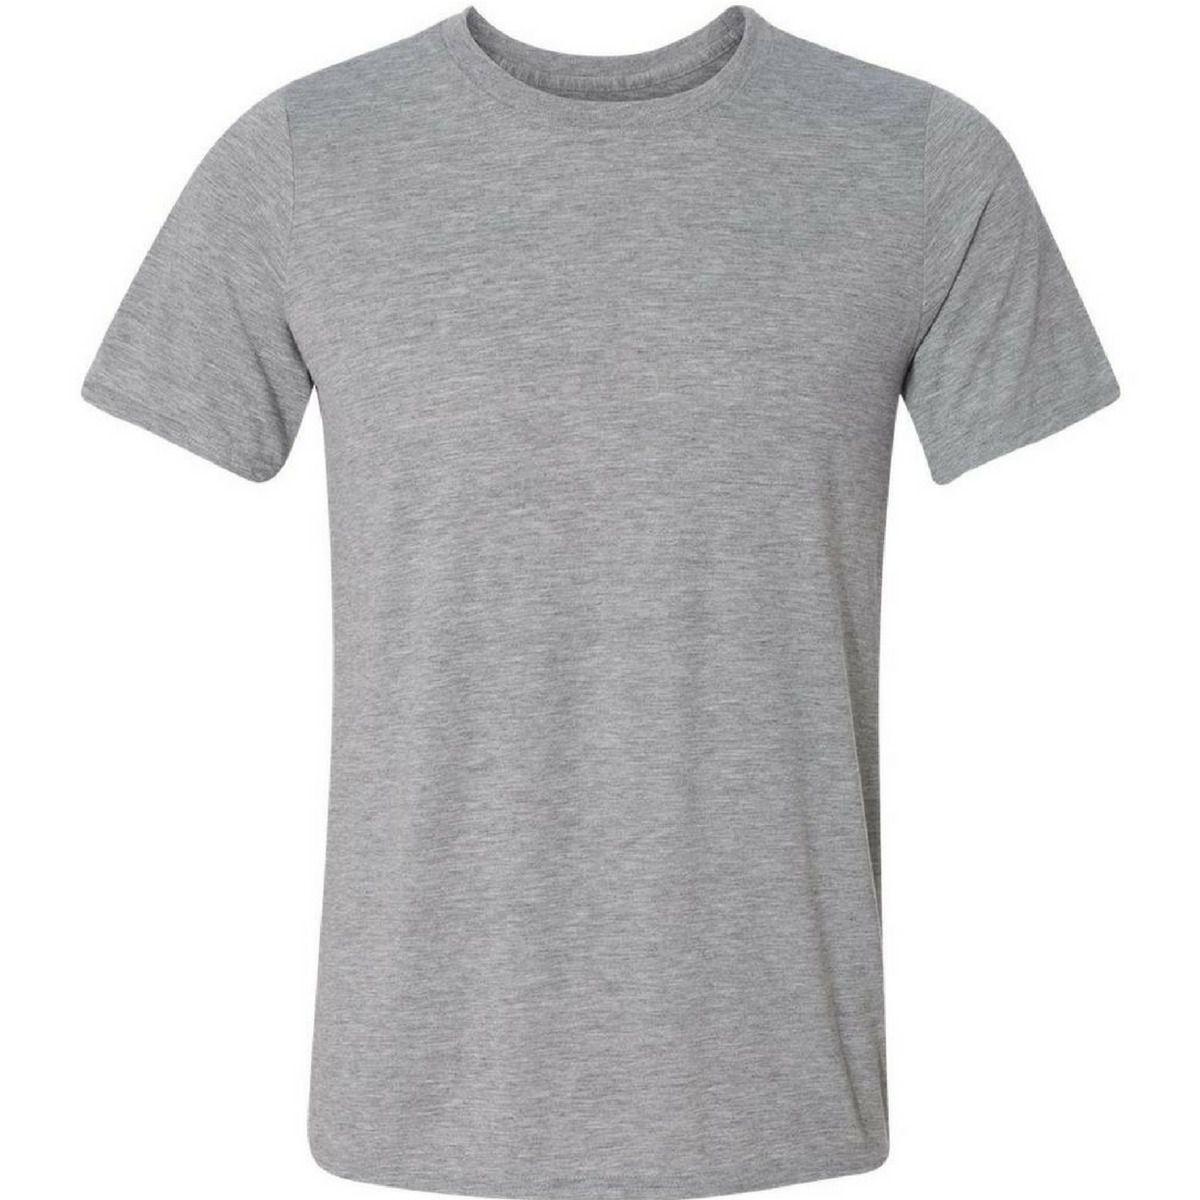 Camiseta adulta manga curta gola redonda cinza mescla